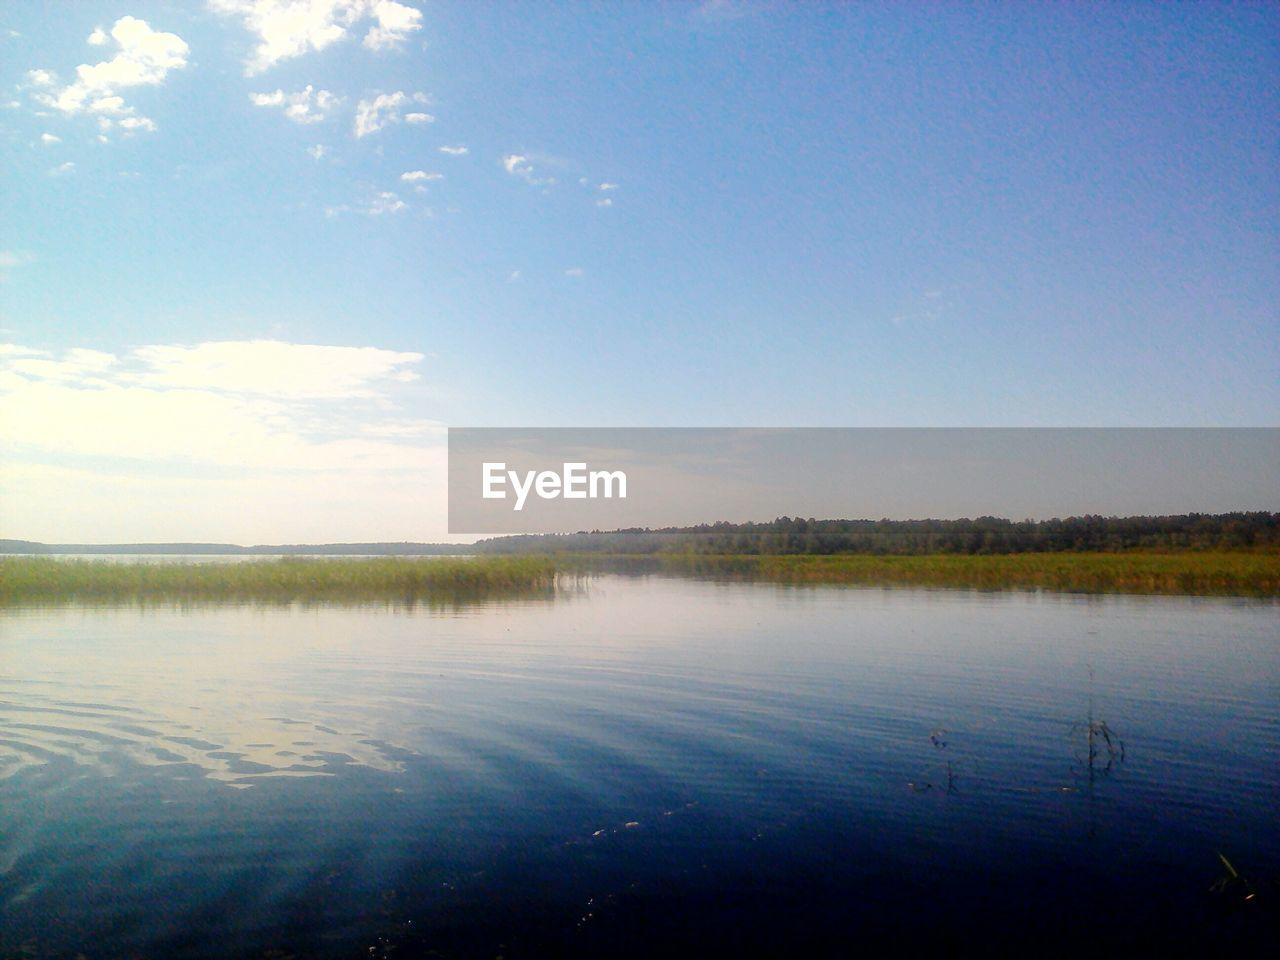 IDYLLIC SHOT OF LAKE AGAINST SKY